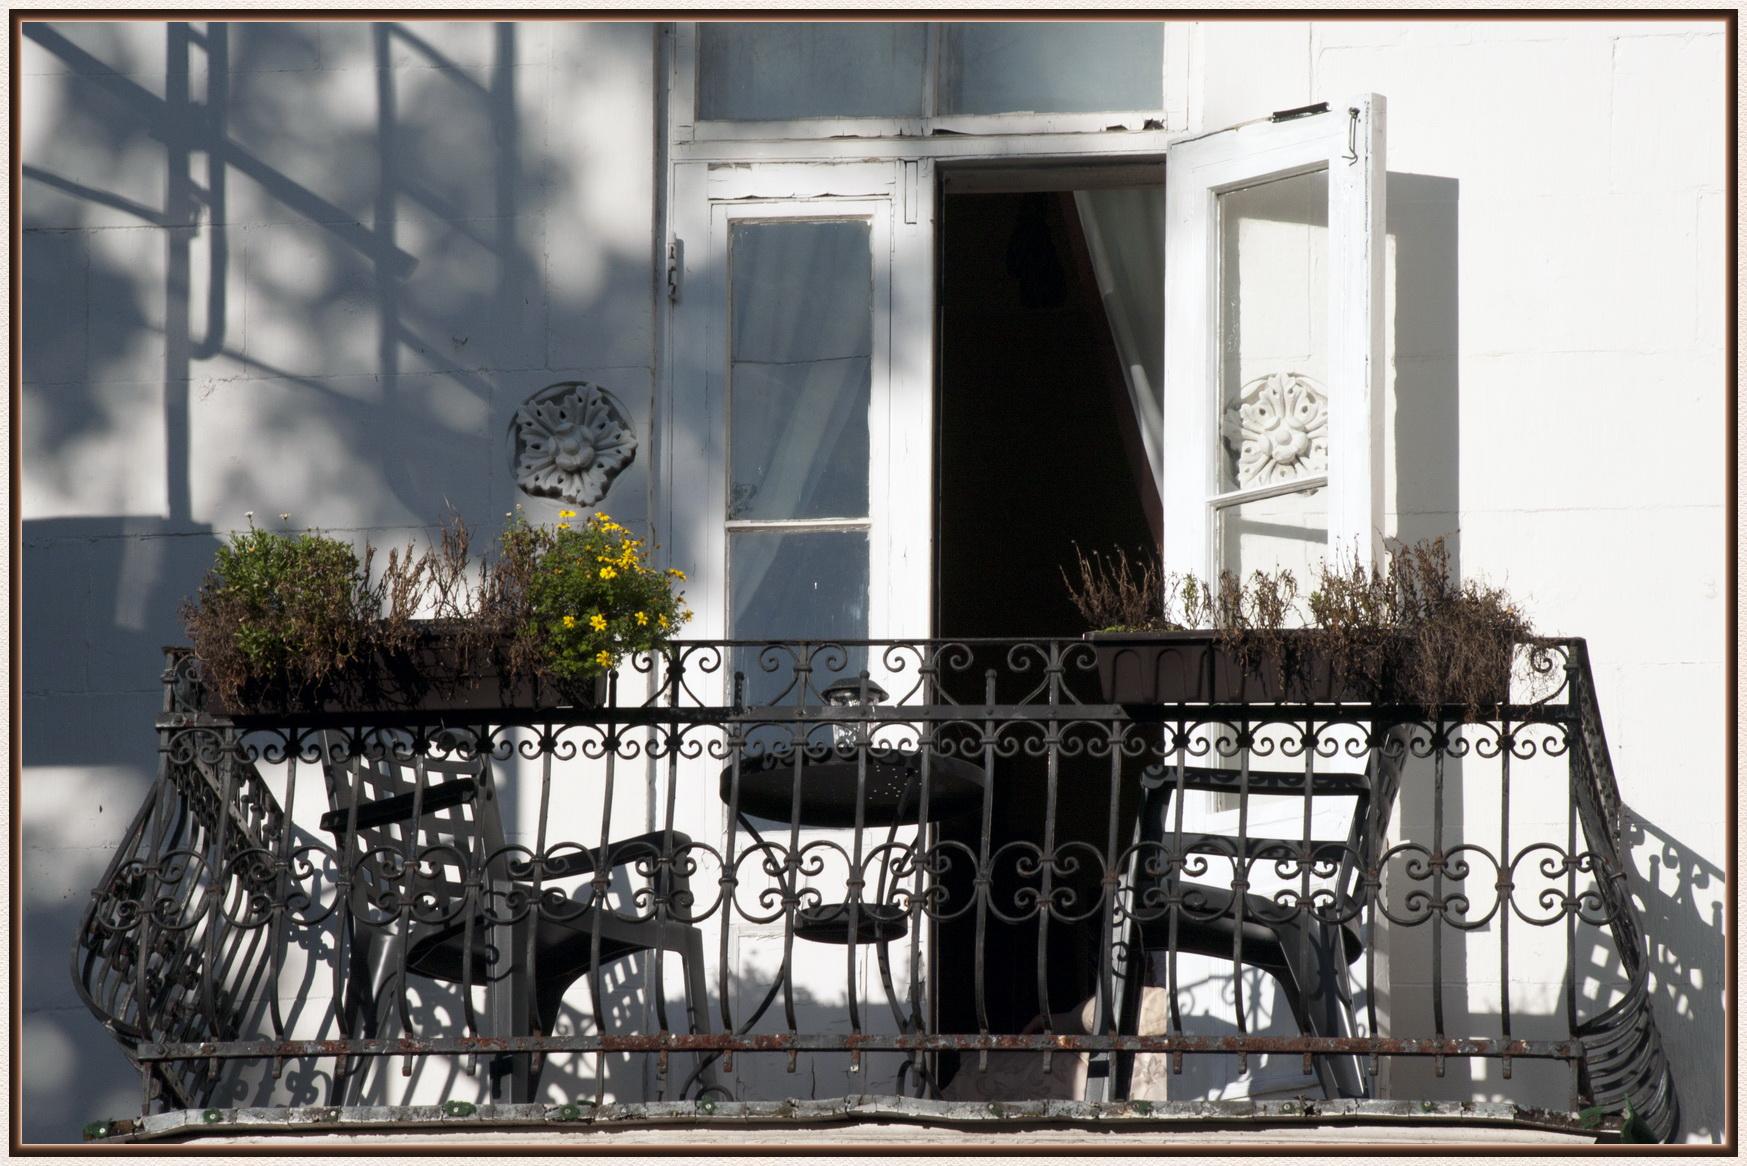 une baguette magique les beaut s de montr al. Black Bedroom Furniture Sets. Home Design Ideas